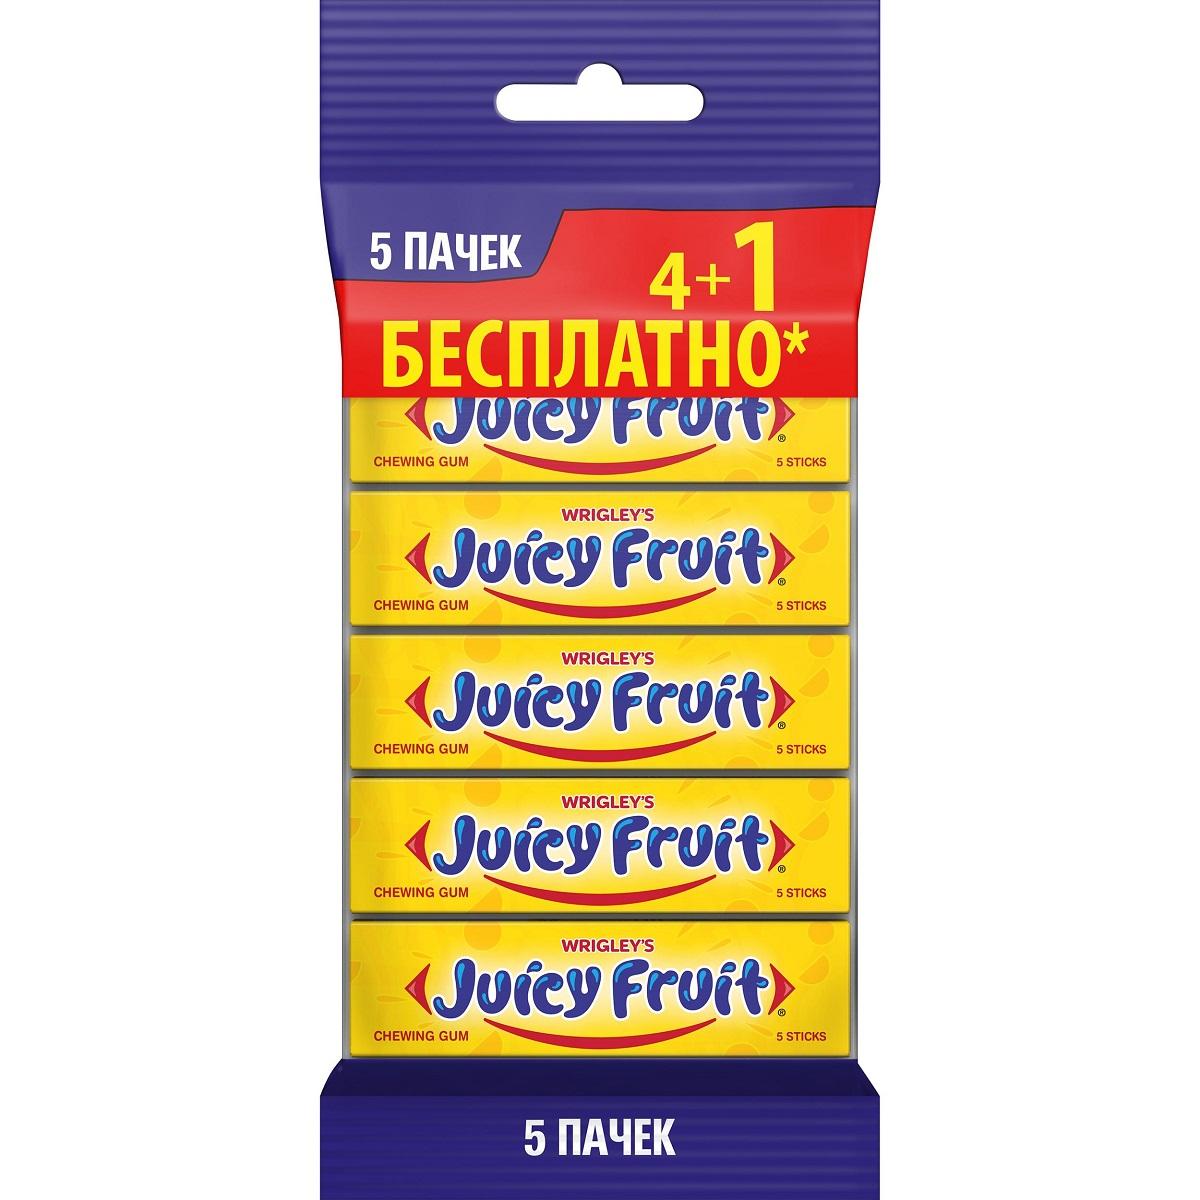 Juicy Fruit мультипак жевательная резинка 5 пачек по 13 г5 пачекКлассический фруктовый вкус в пластинках, давно полюбившийся многим потребителям жевательной резинки.